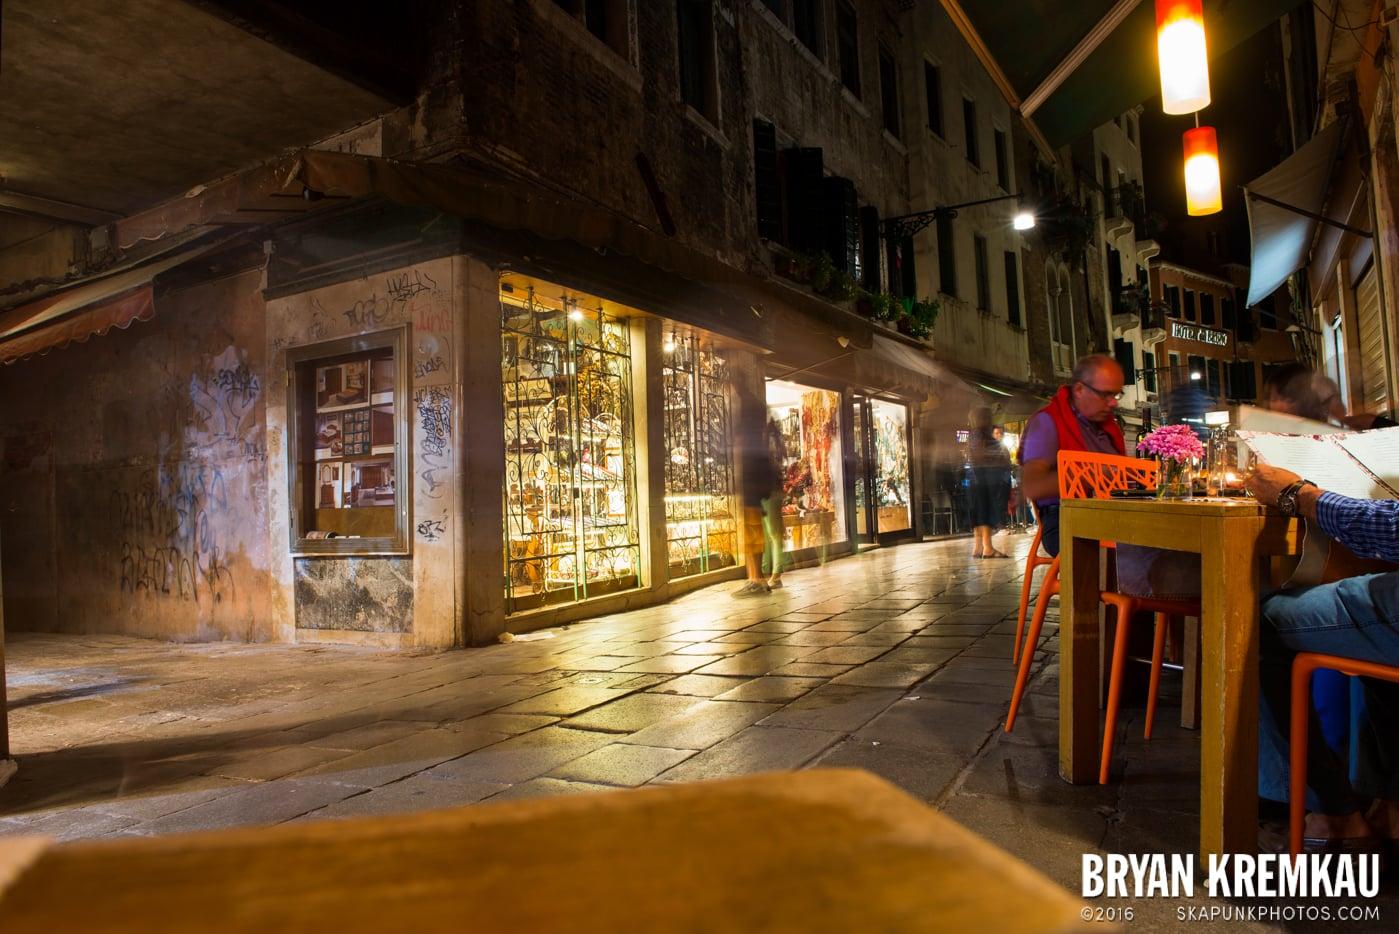 Italy Vacation - Day 6: Murano, Burano, Venice - 9.14.13 (11)